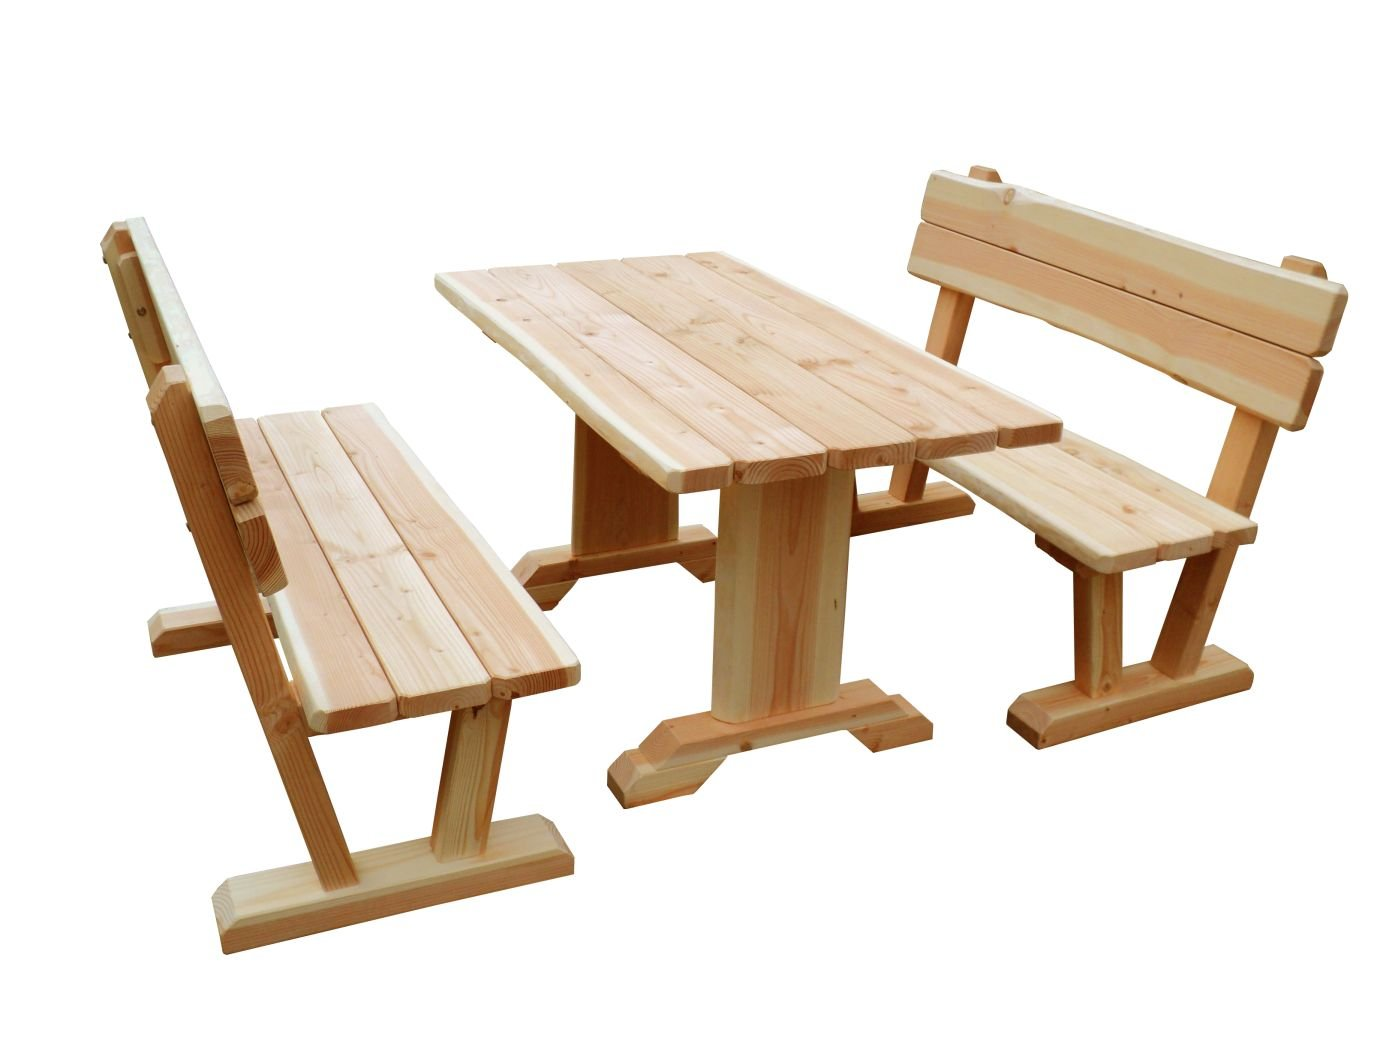 b+t ISG150-N Erwachsenen-Garnitur/ zerlegbar/ Douglasie